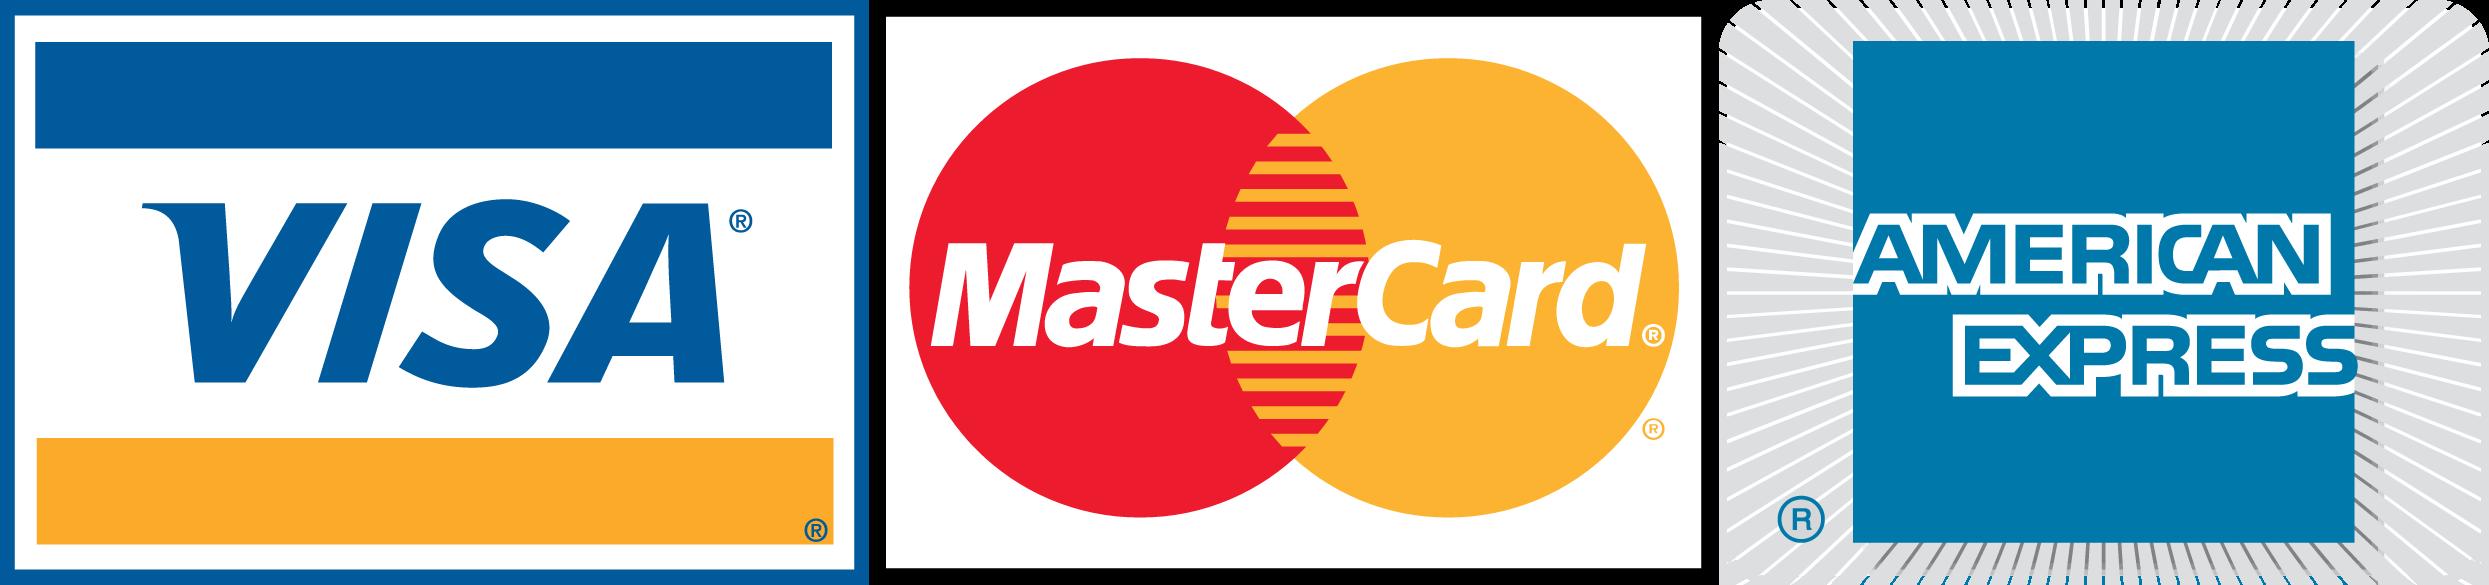 visa-mastercard-amex-lenshauling.ca-.png